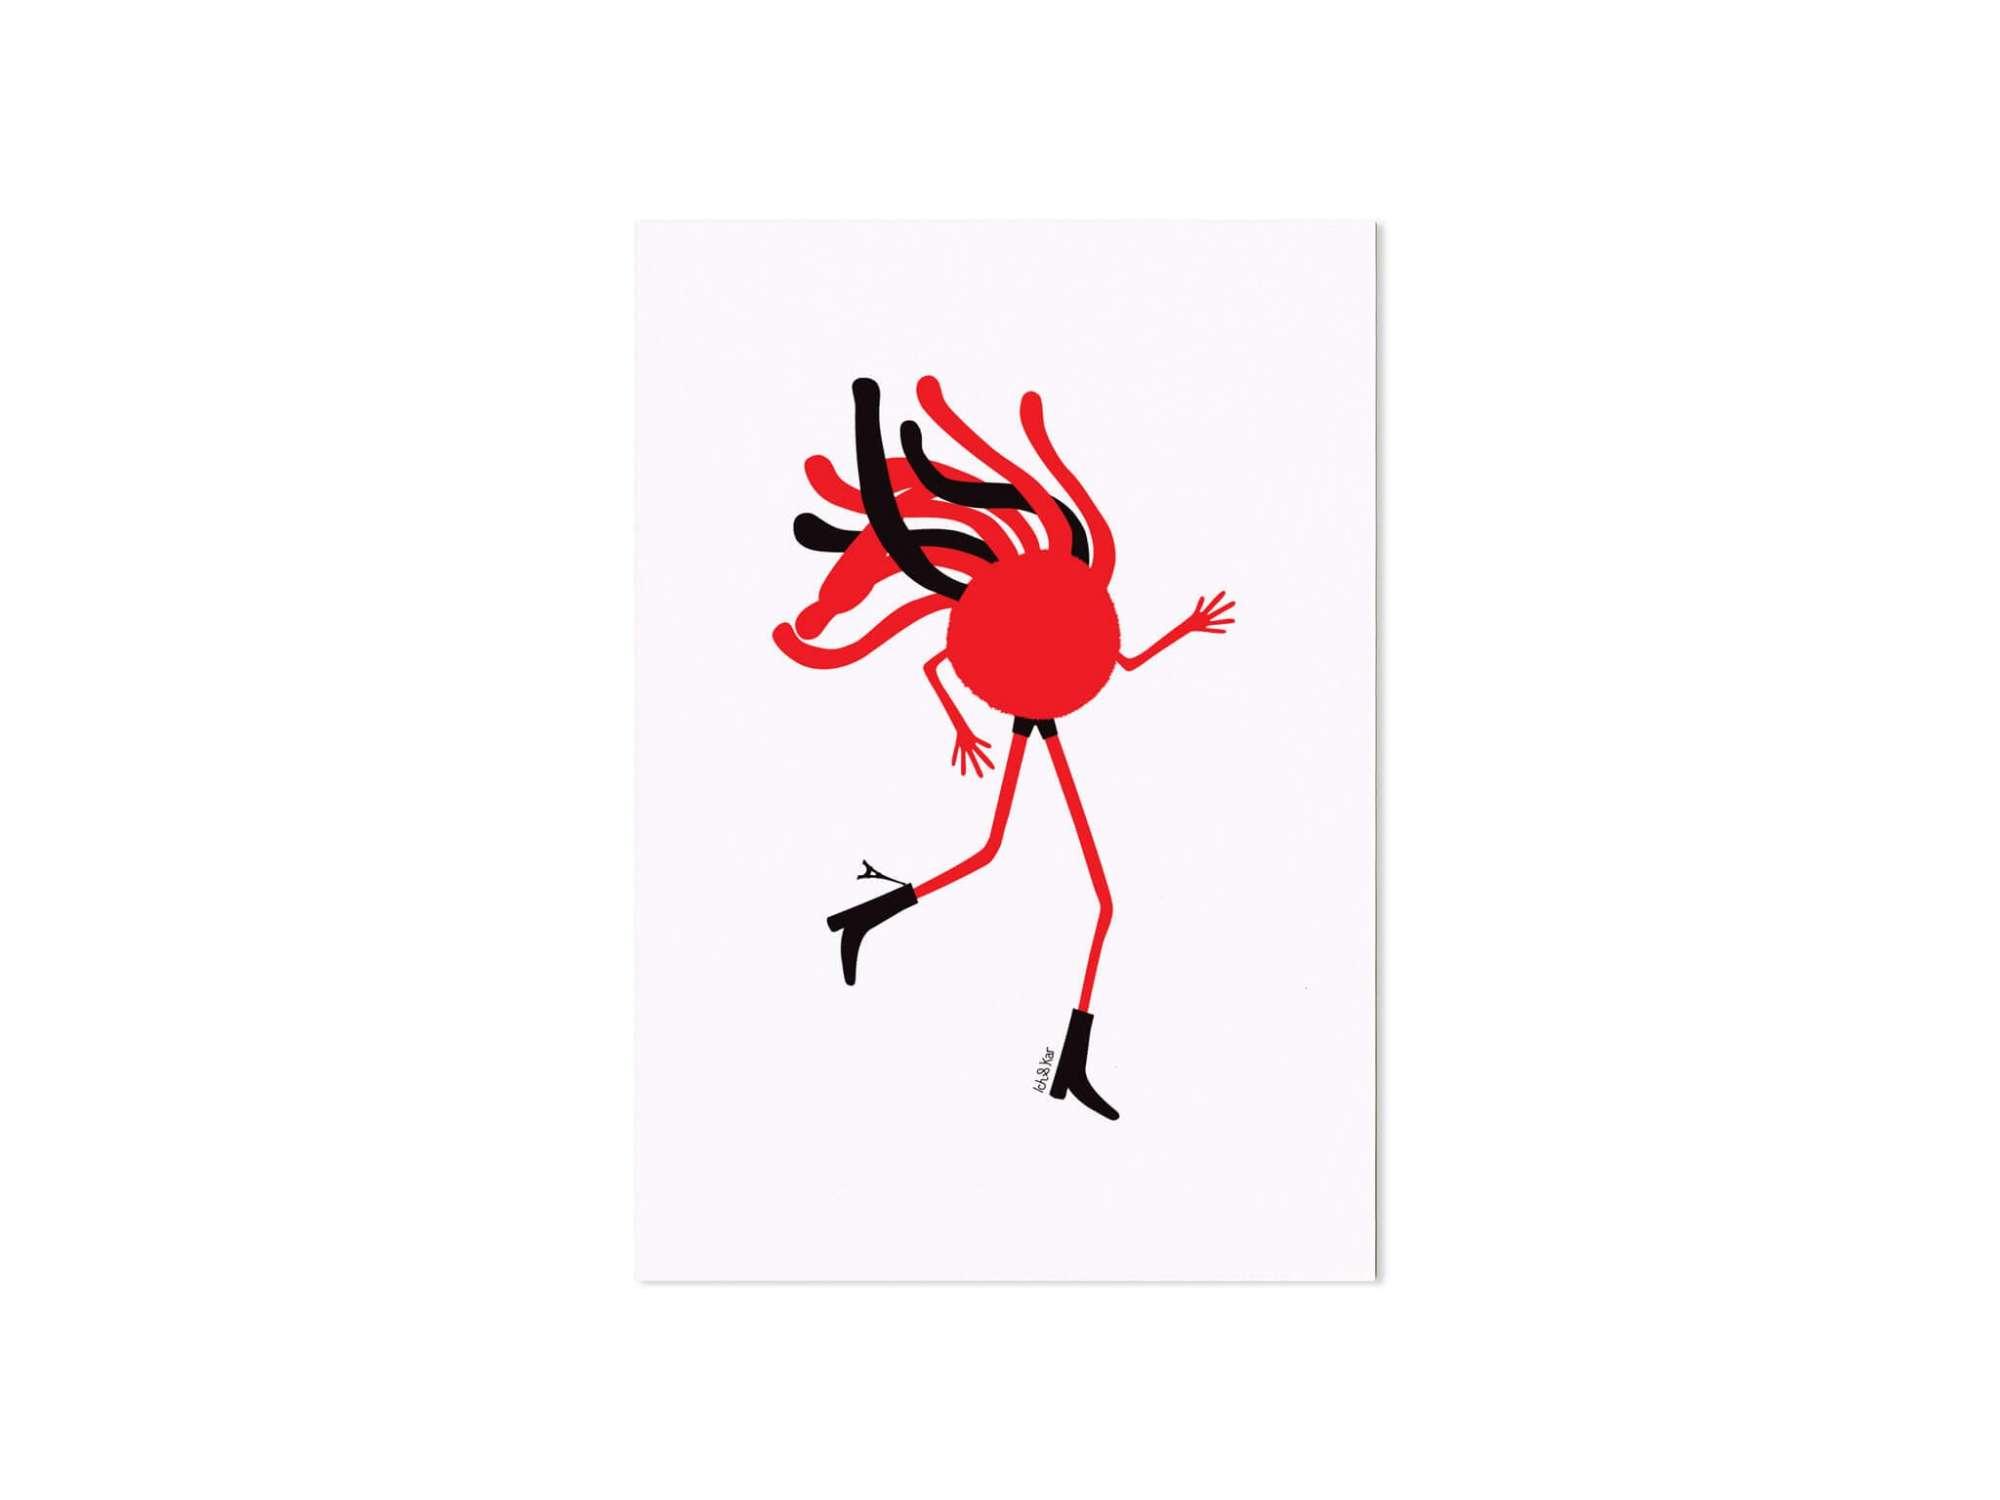 Mister Spaghetti est Parisien, Il porte sa Tour Eiffel en emblème sur sa botte et parcourt le monde en courant.